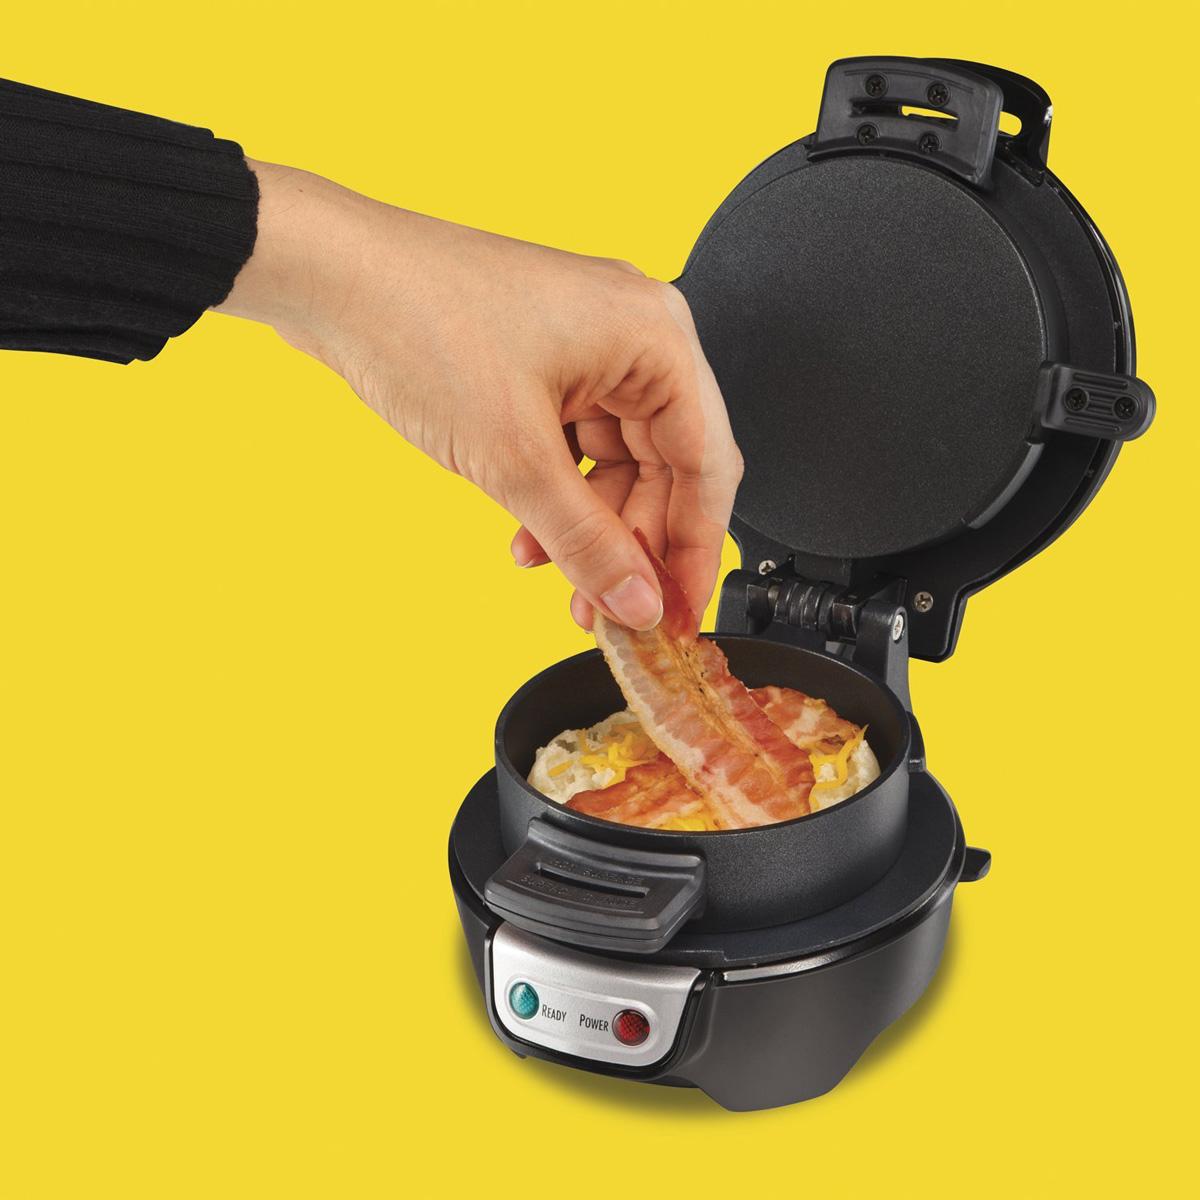 breakfast sandwich maker. Black Bedroom Furniture Sets. Home Design Ideas